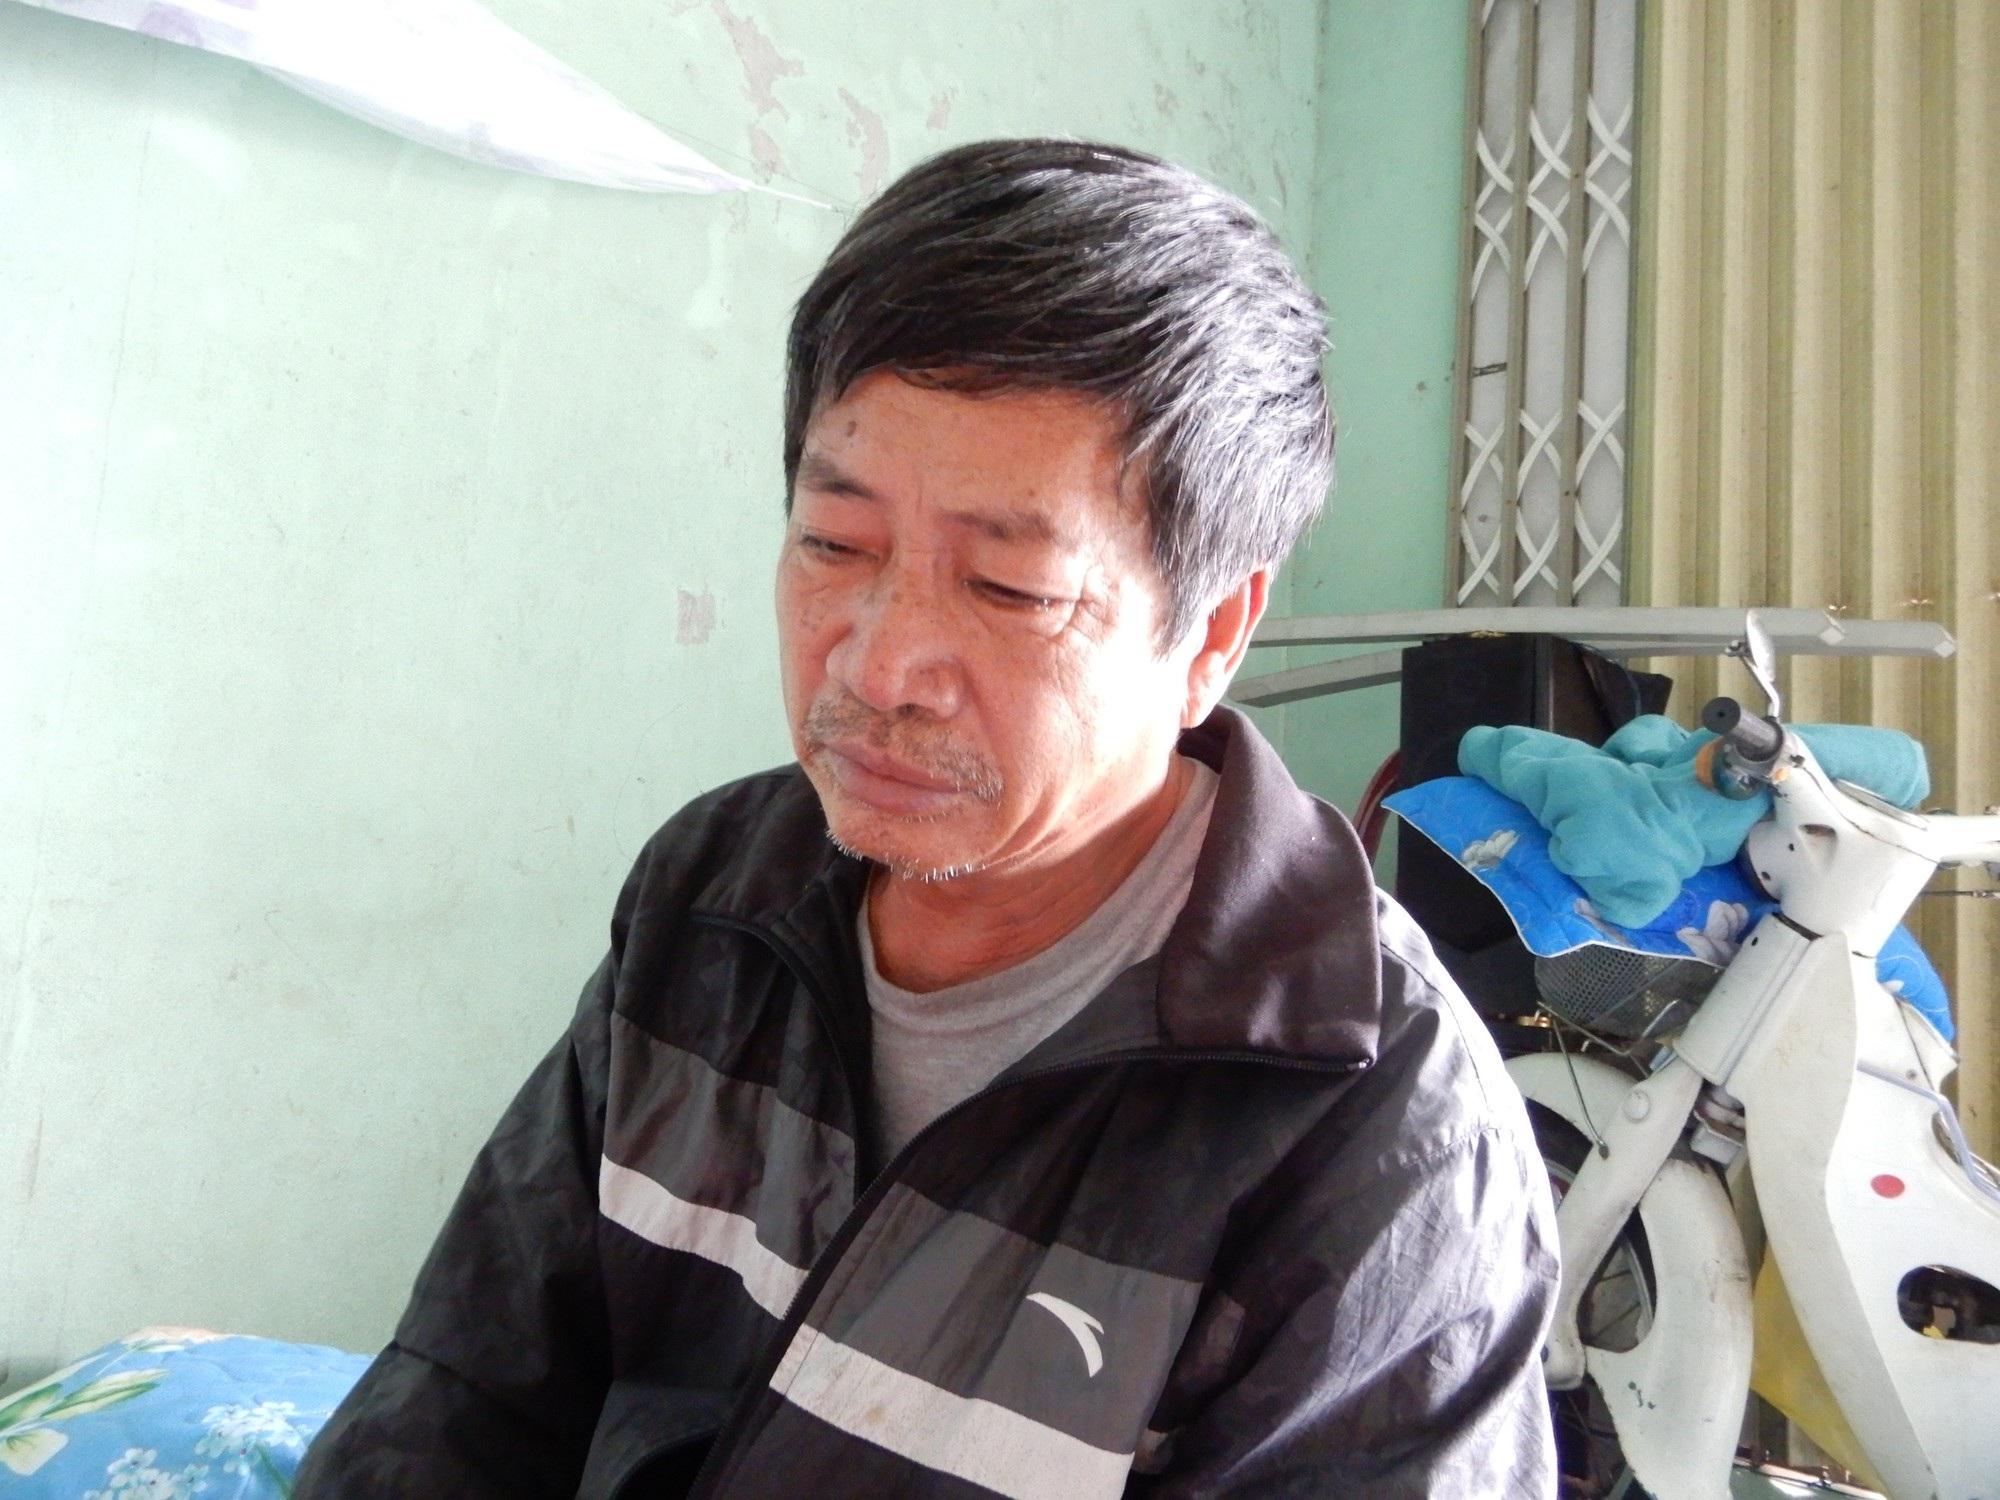 Thương cha già vất vả nuôi con trai bị lao màng não nằm liệt giường - Ảnh 6.